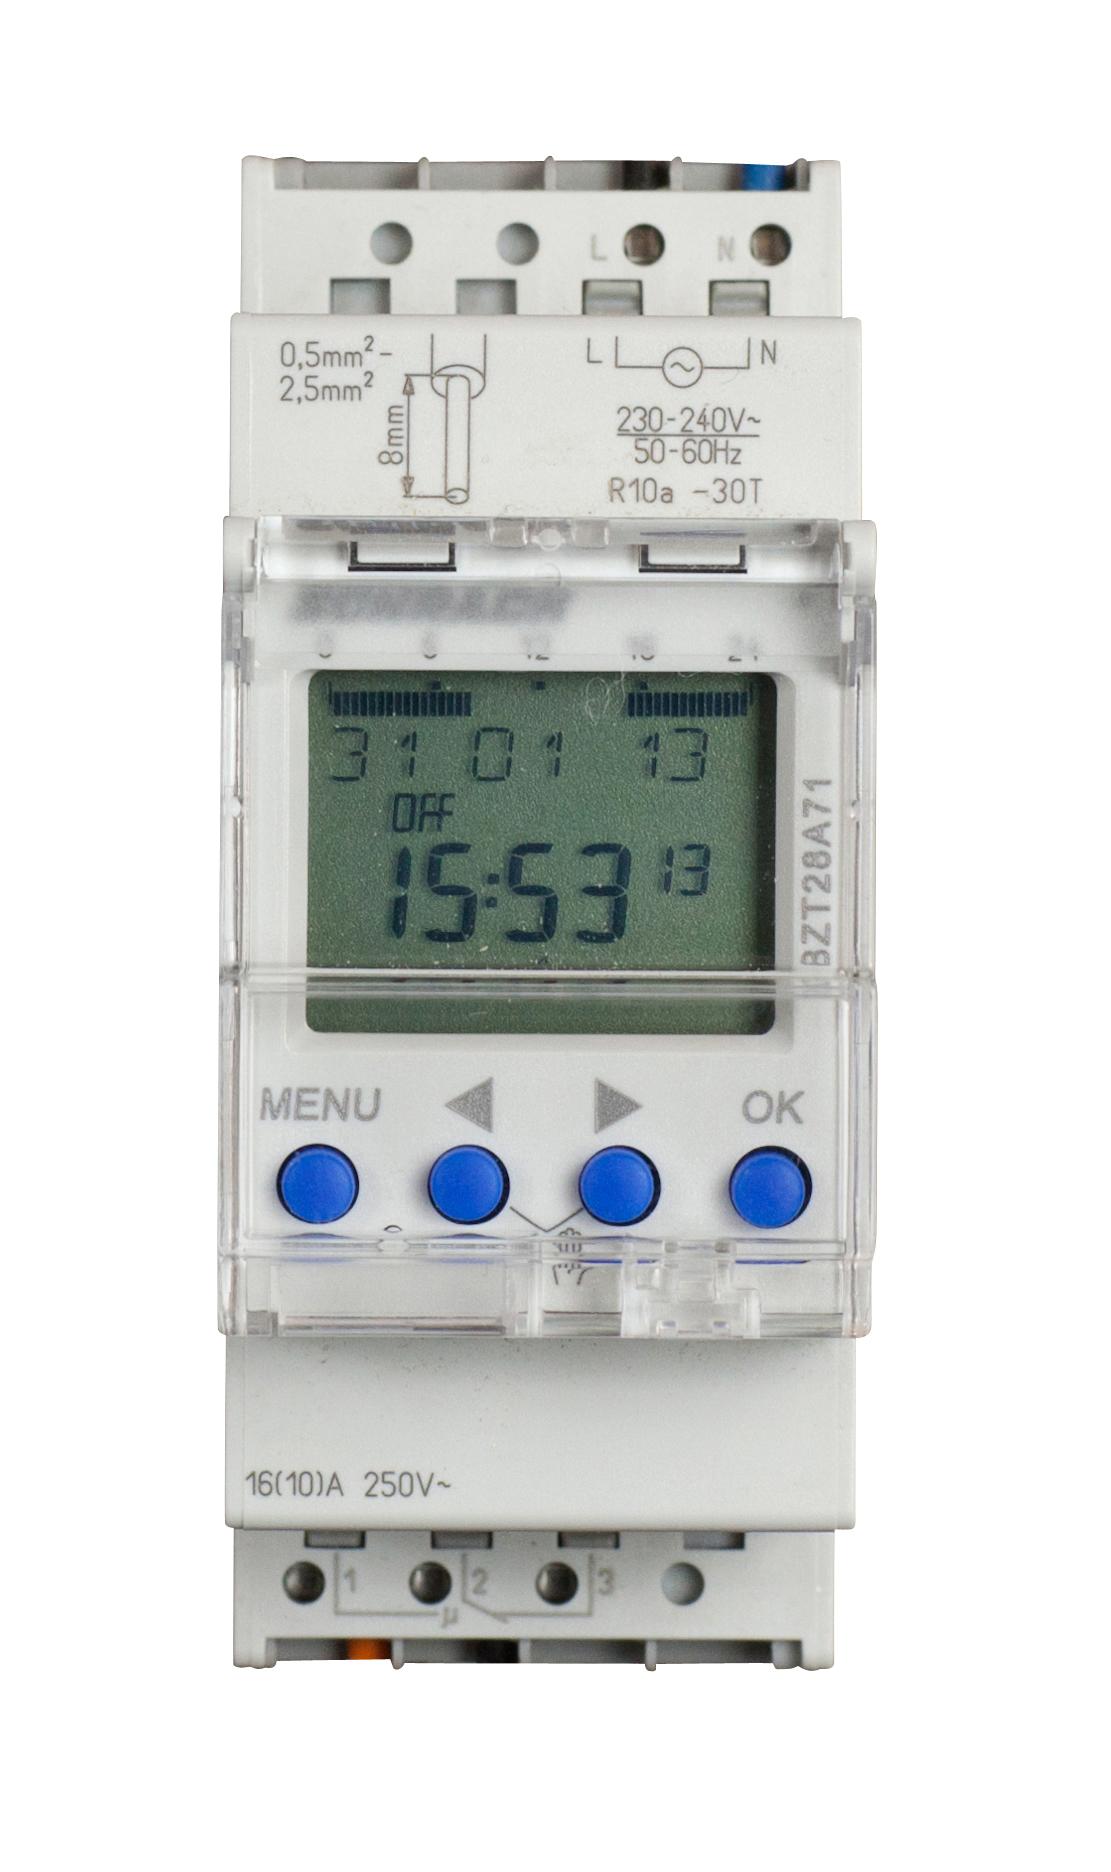 Ceasuri programabile, comutatoare crepusculare15541